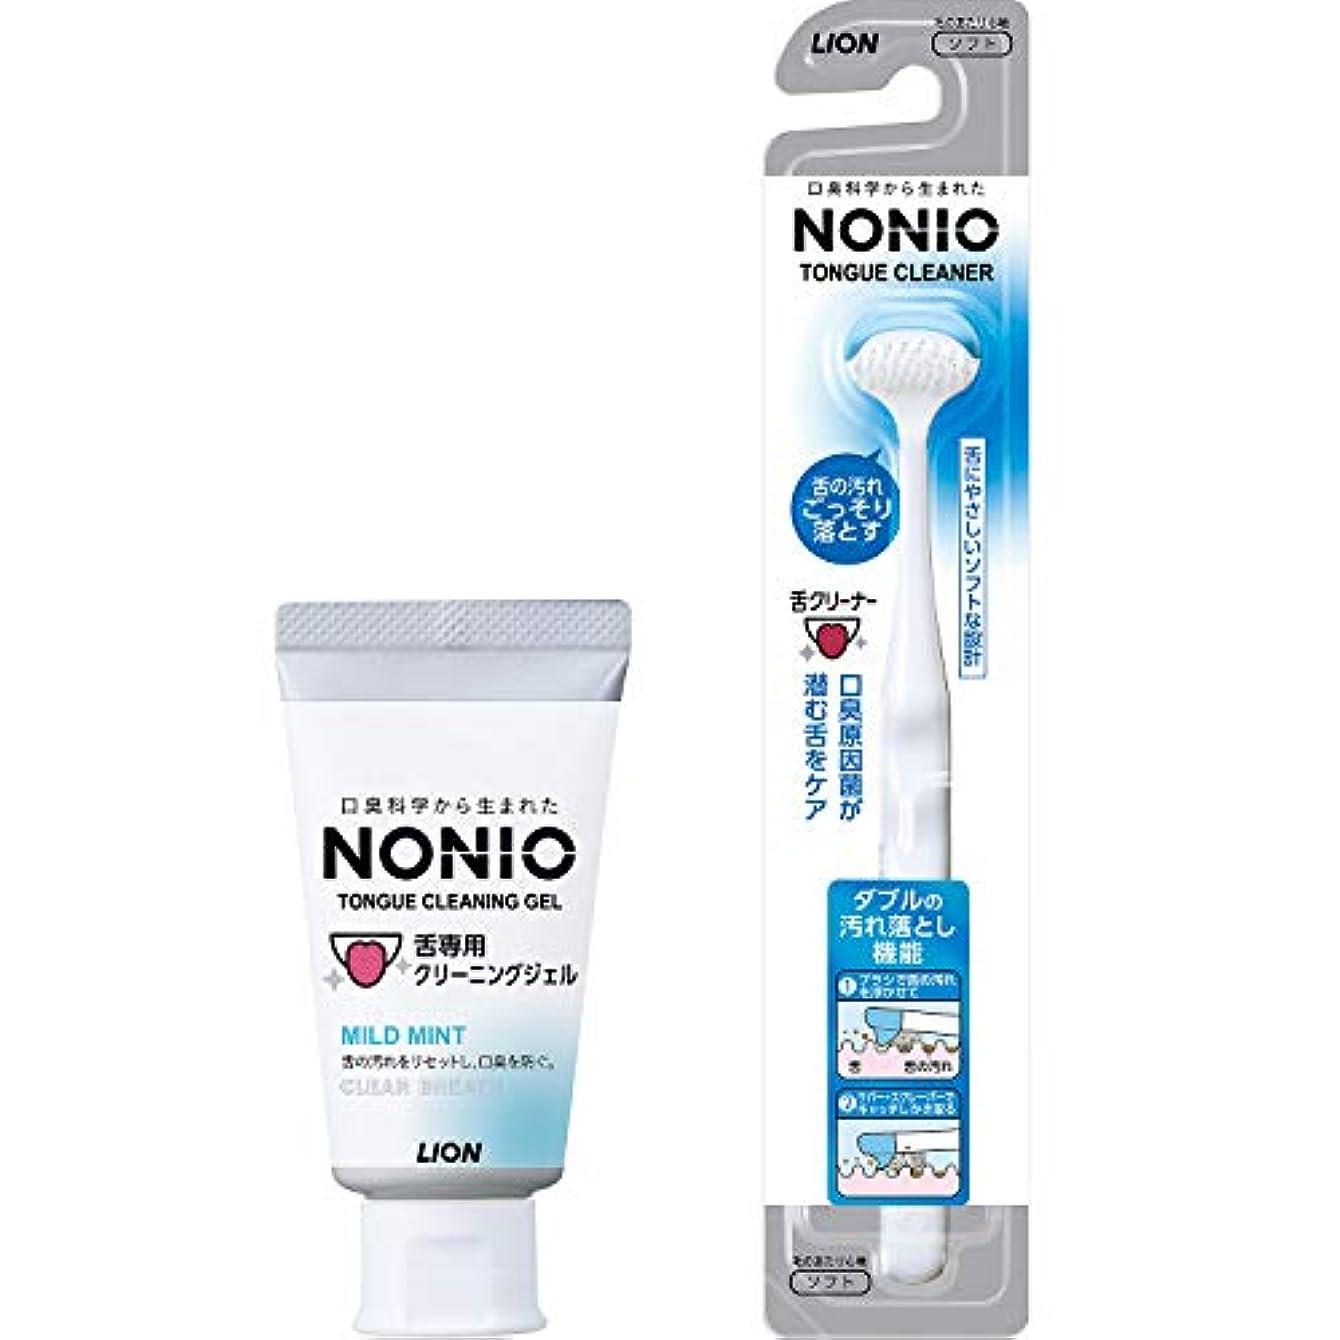 クロス加速する栄光の【Amazon.co.jp限定】NONIO 舌クリーナー+舌専用クリーニングジェル